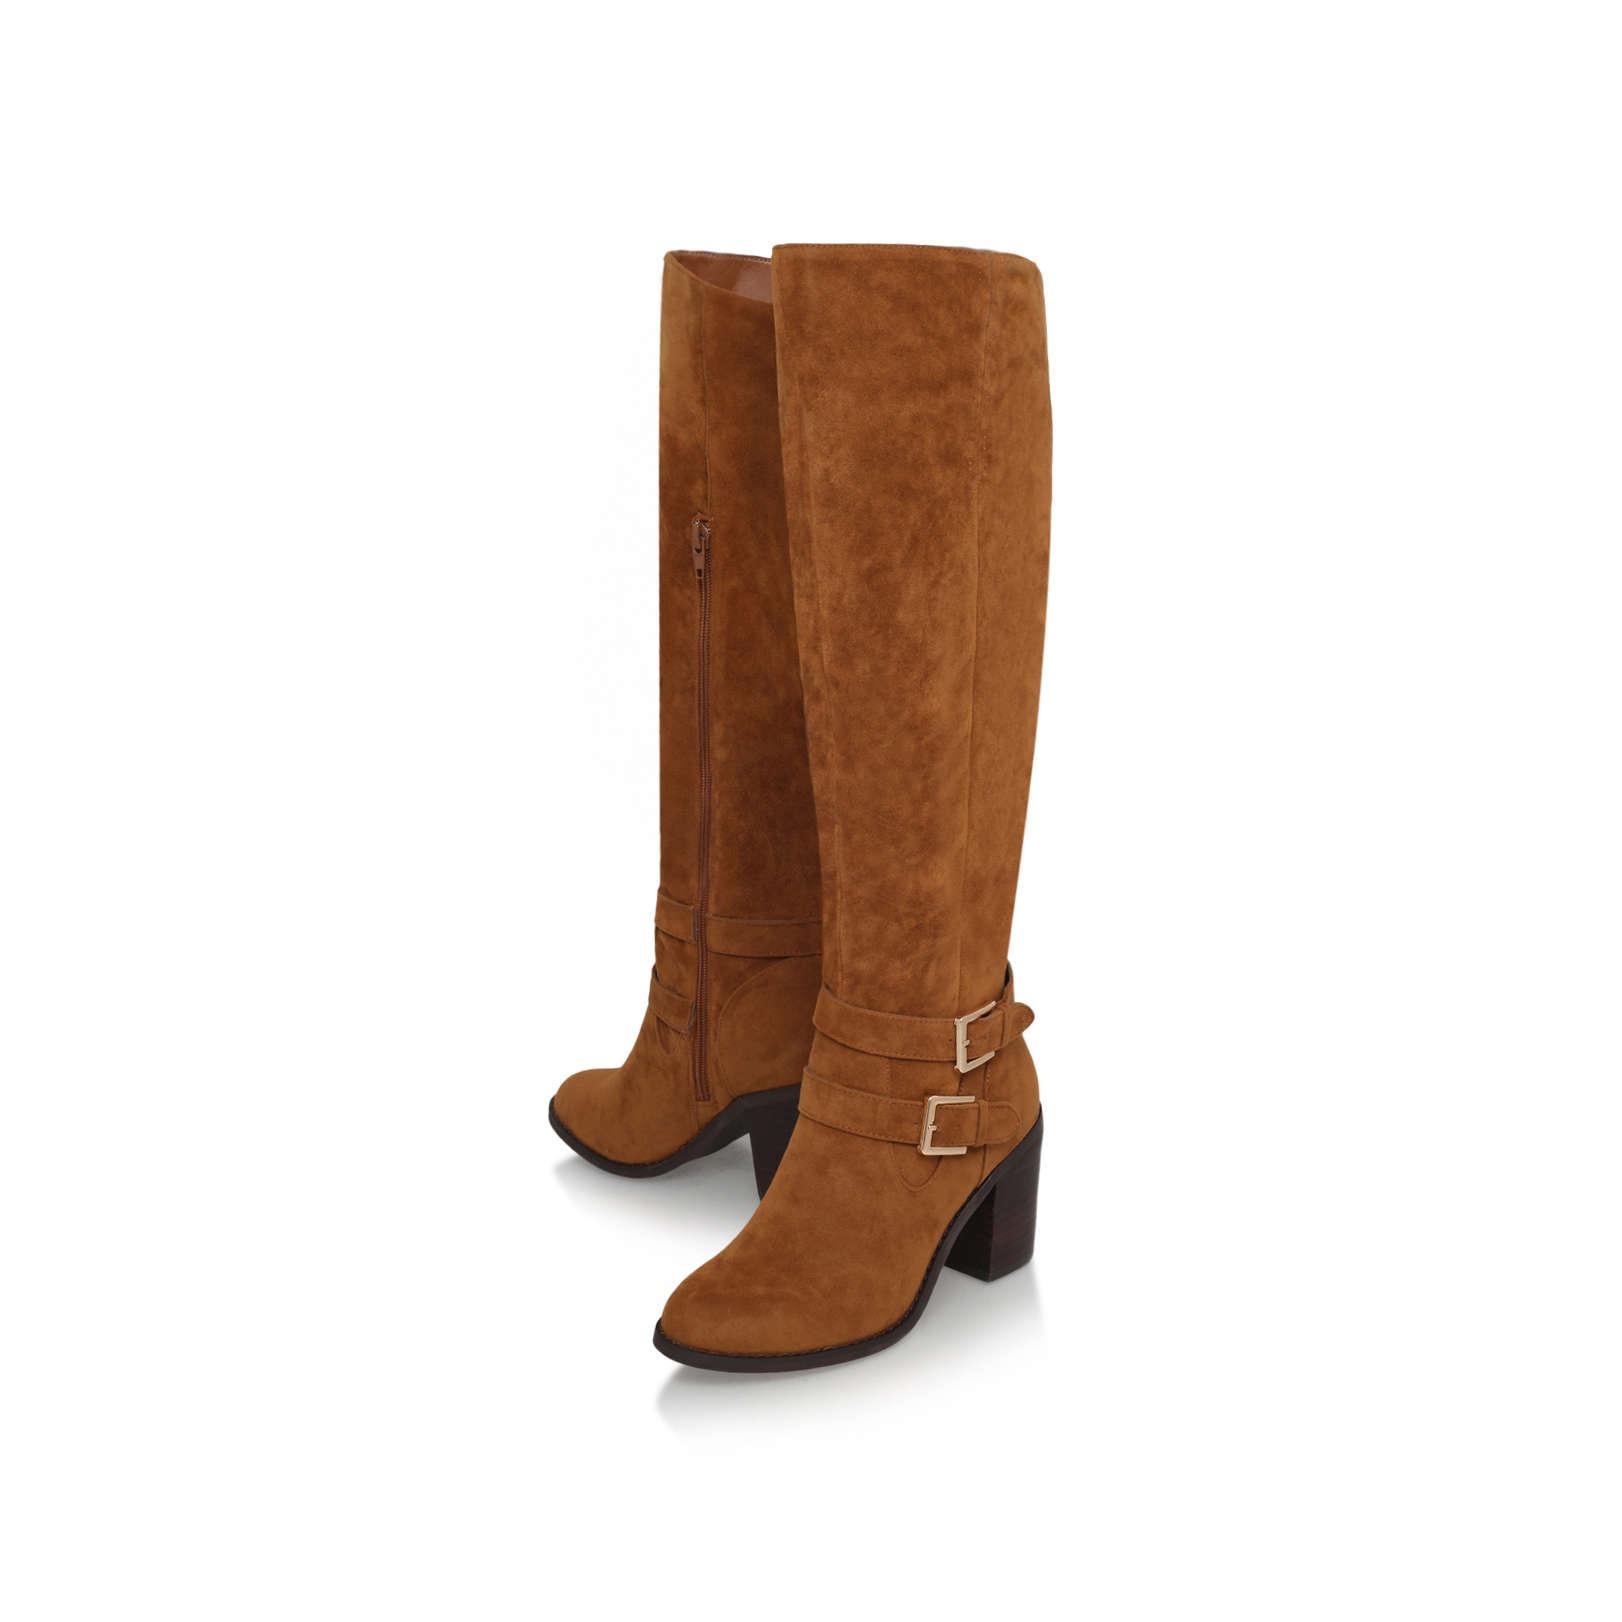 HARRIET - MISS KG High Leg Boots